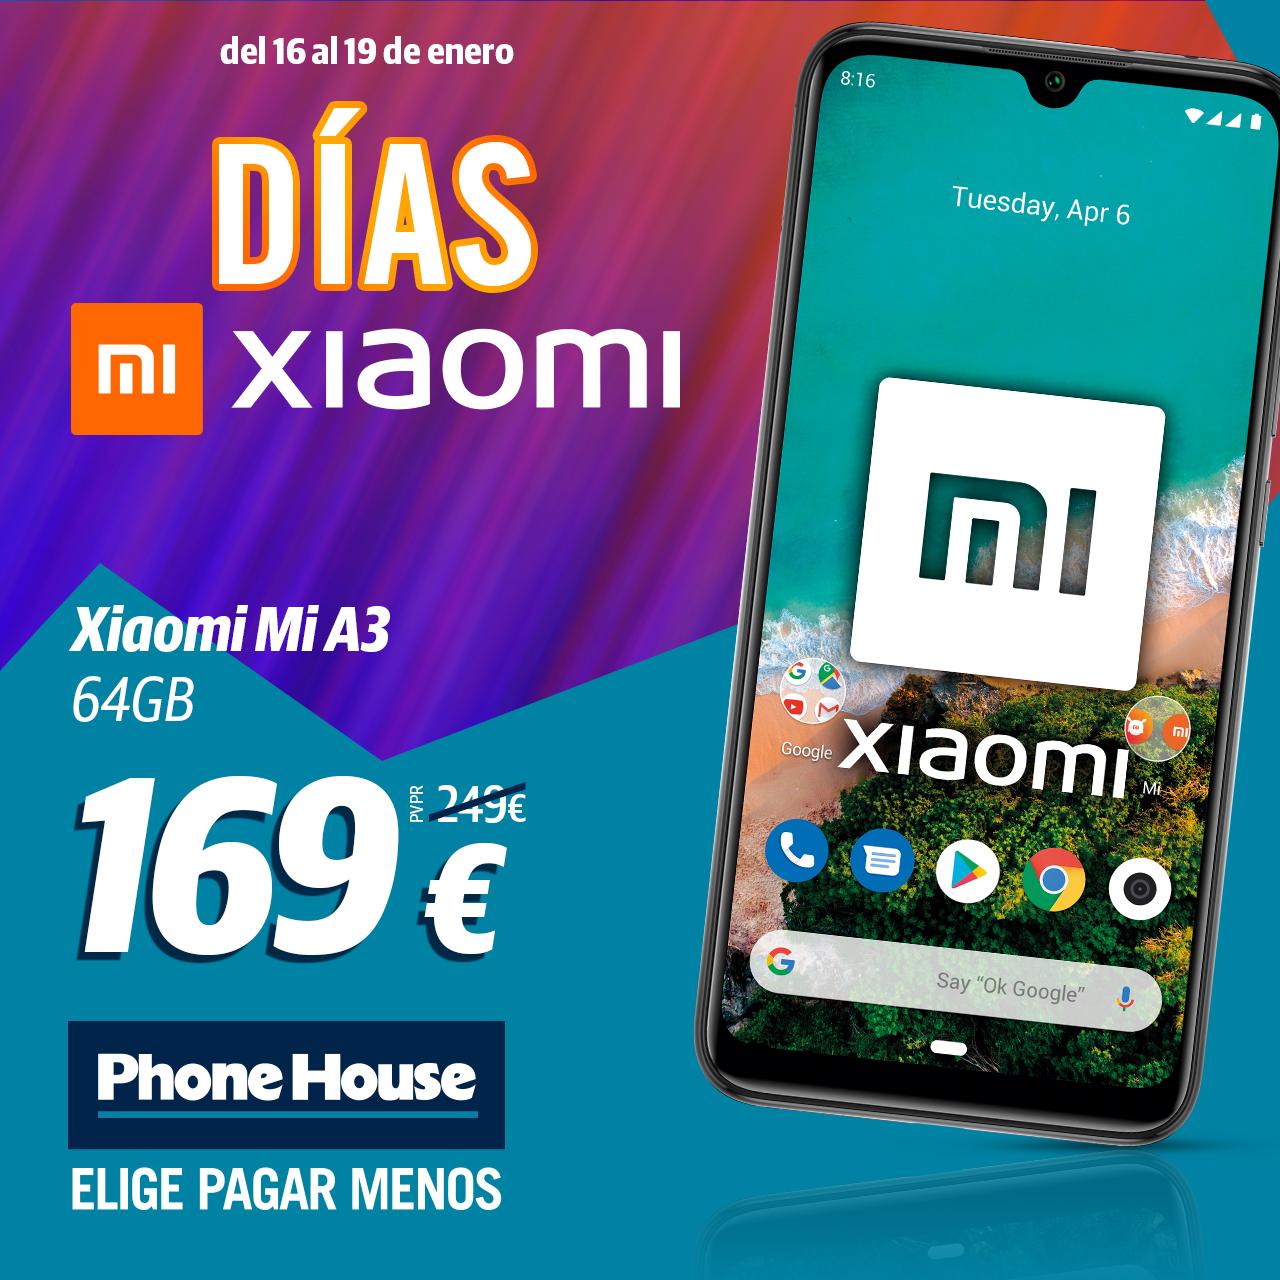 Diasxiaomi Mia3 1000x1000[11]